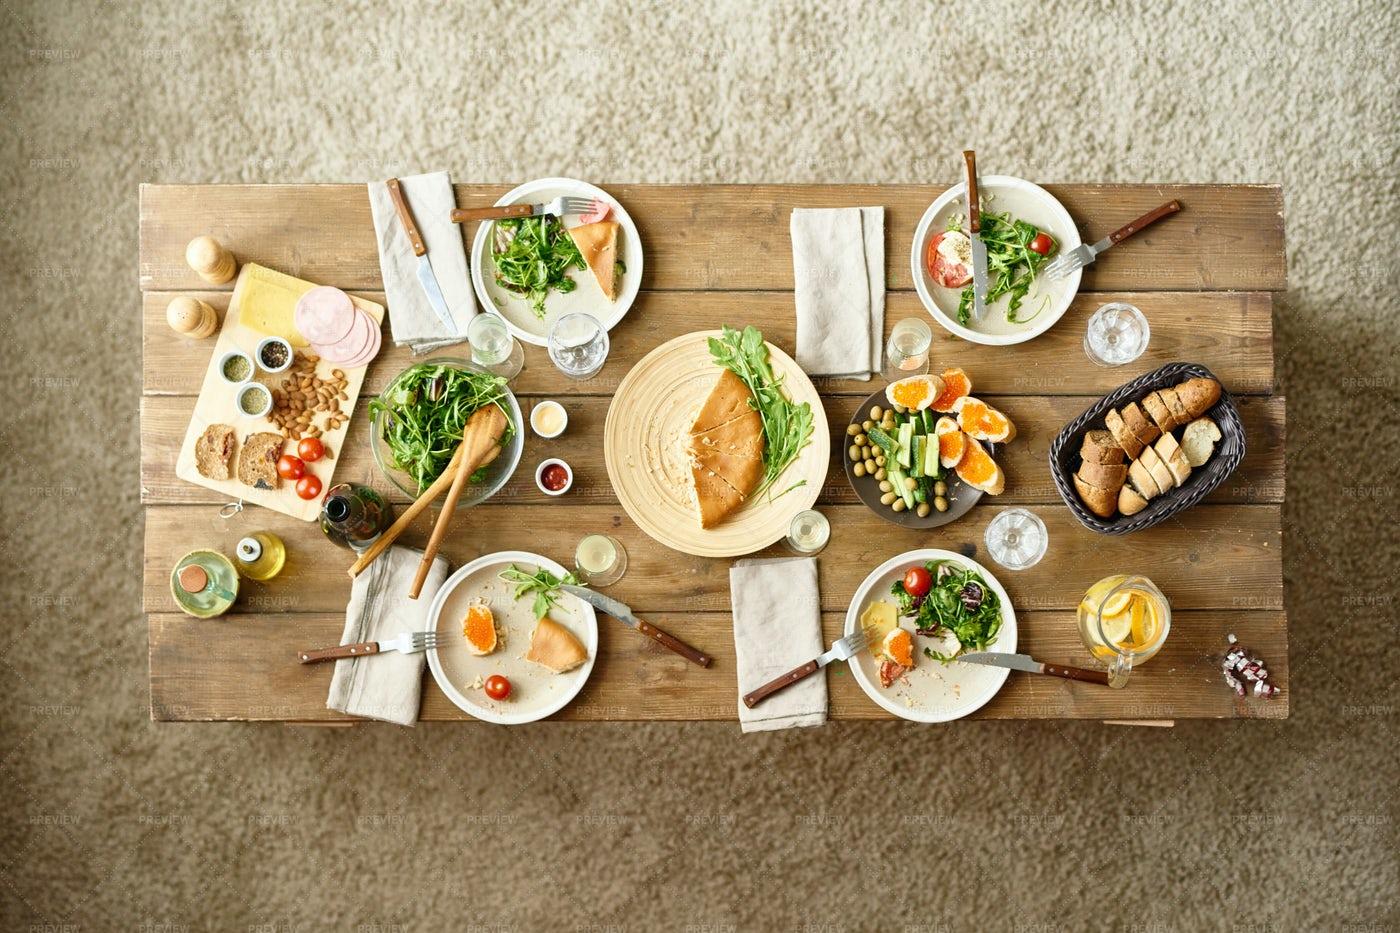 Festive Dinner Table: Stock Photos